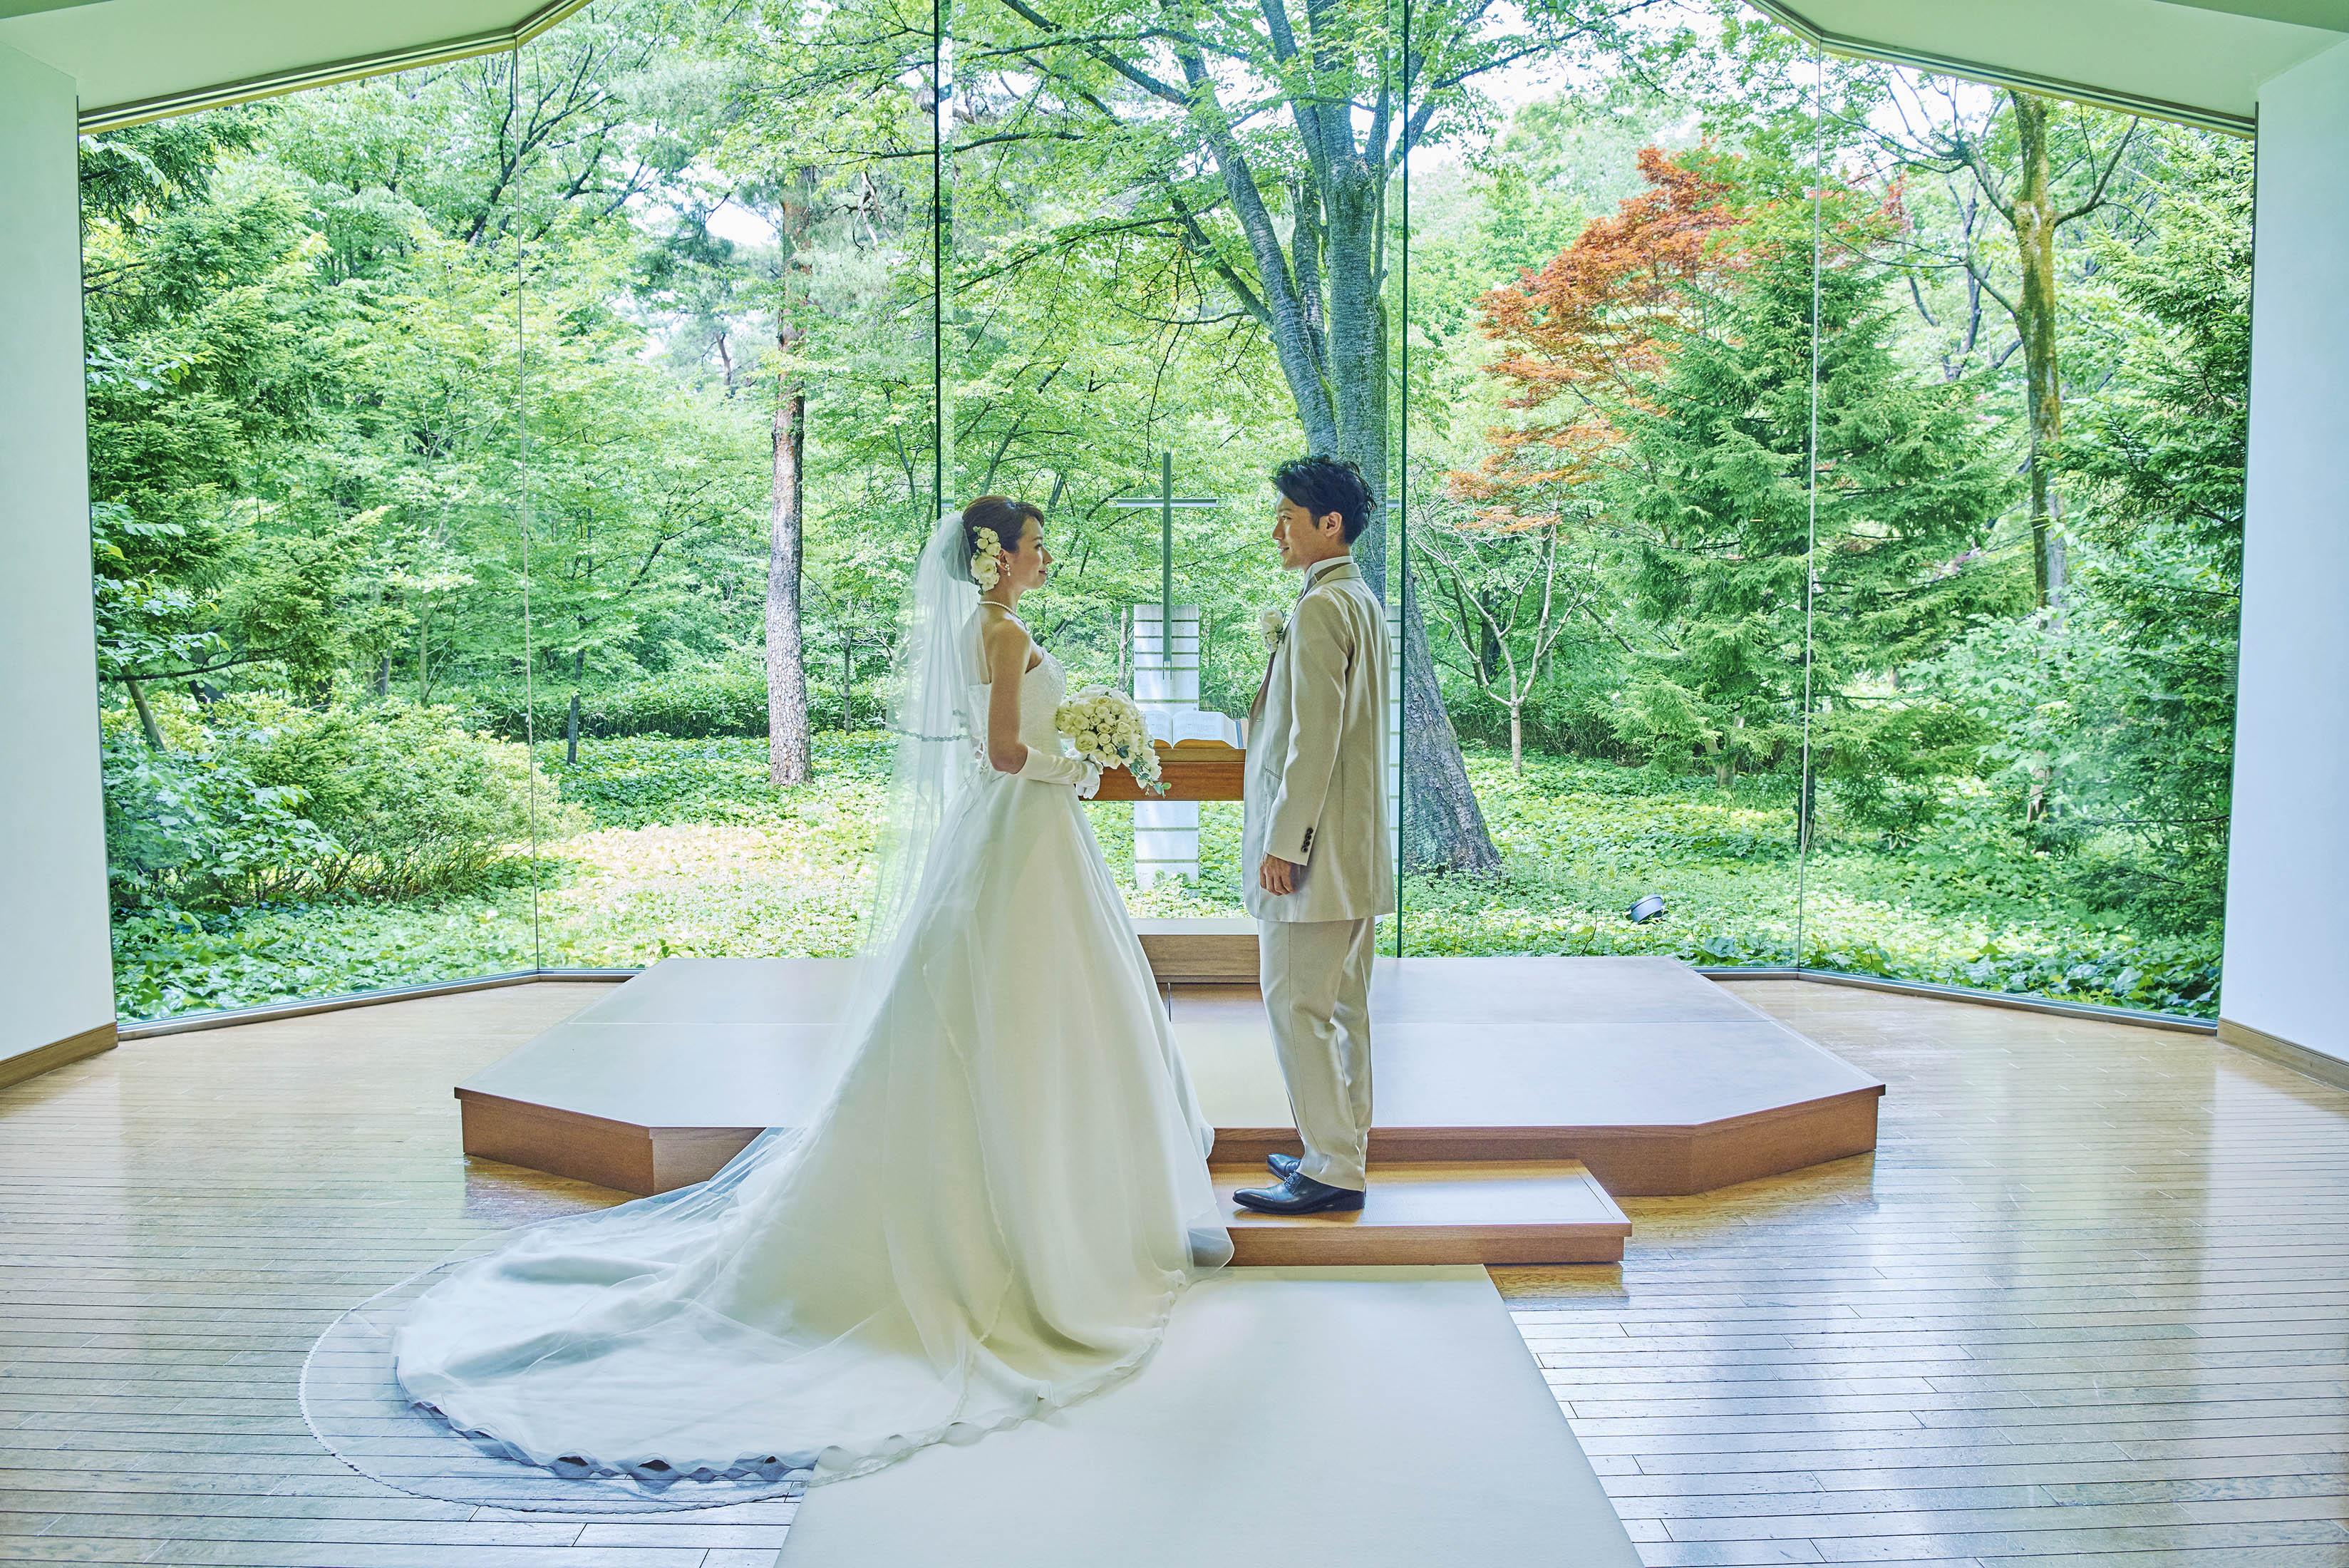 【東京】昭和館森林教堂婚紗拍攝